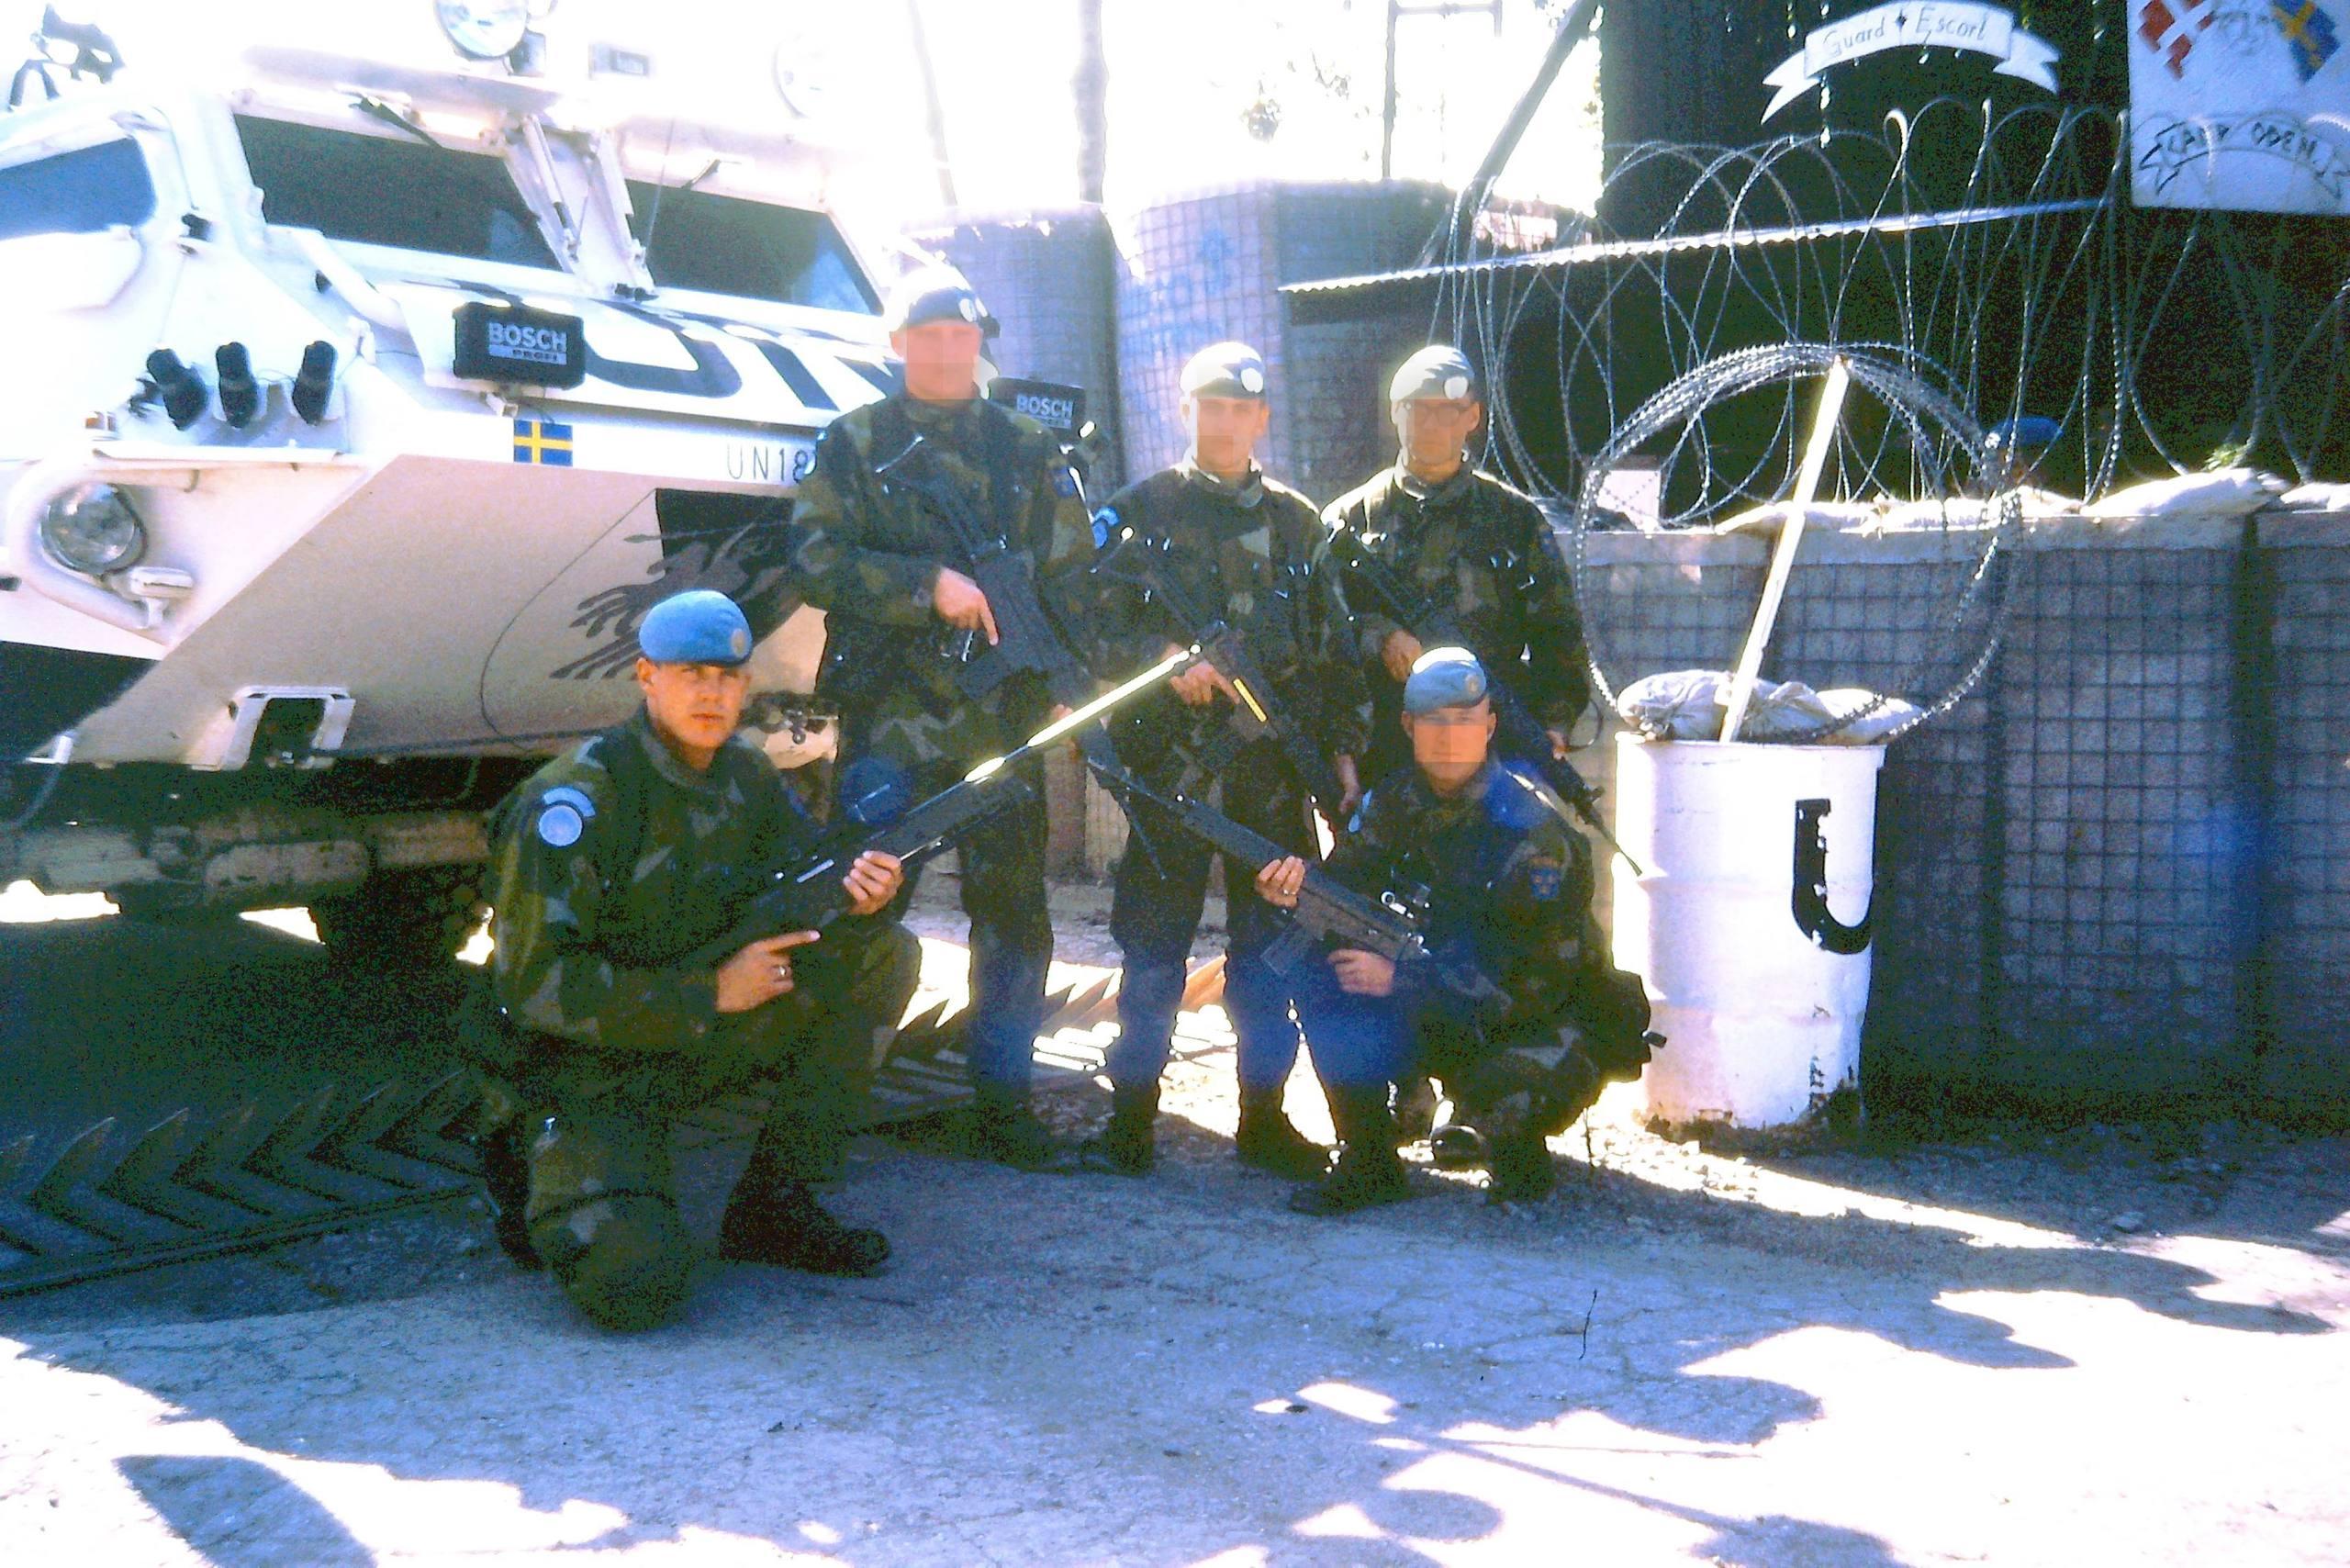 Fler svenska fn soldater till bosnien